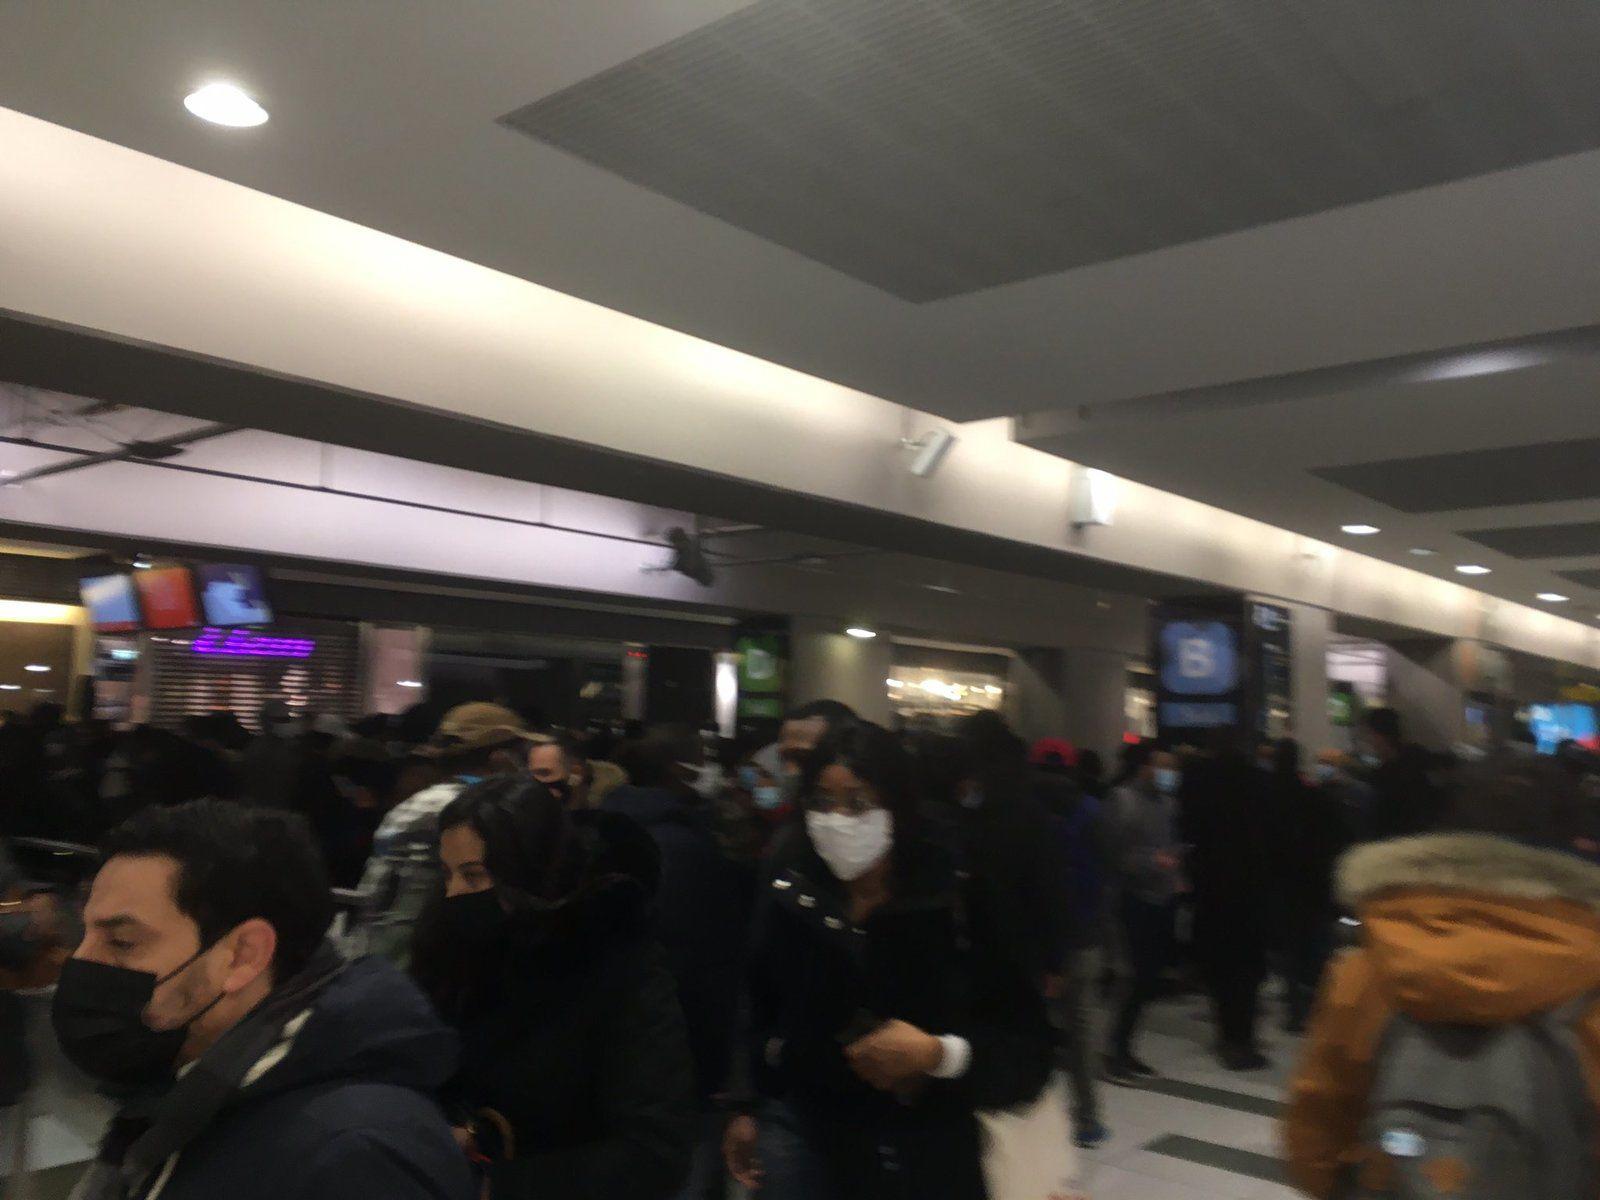 Aucun train entre Aulnay-sous-Bois et Charles de Gaulle : le RER B en plein chaos ce 5 février 2021 !